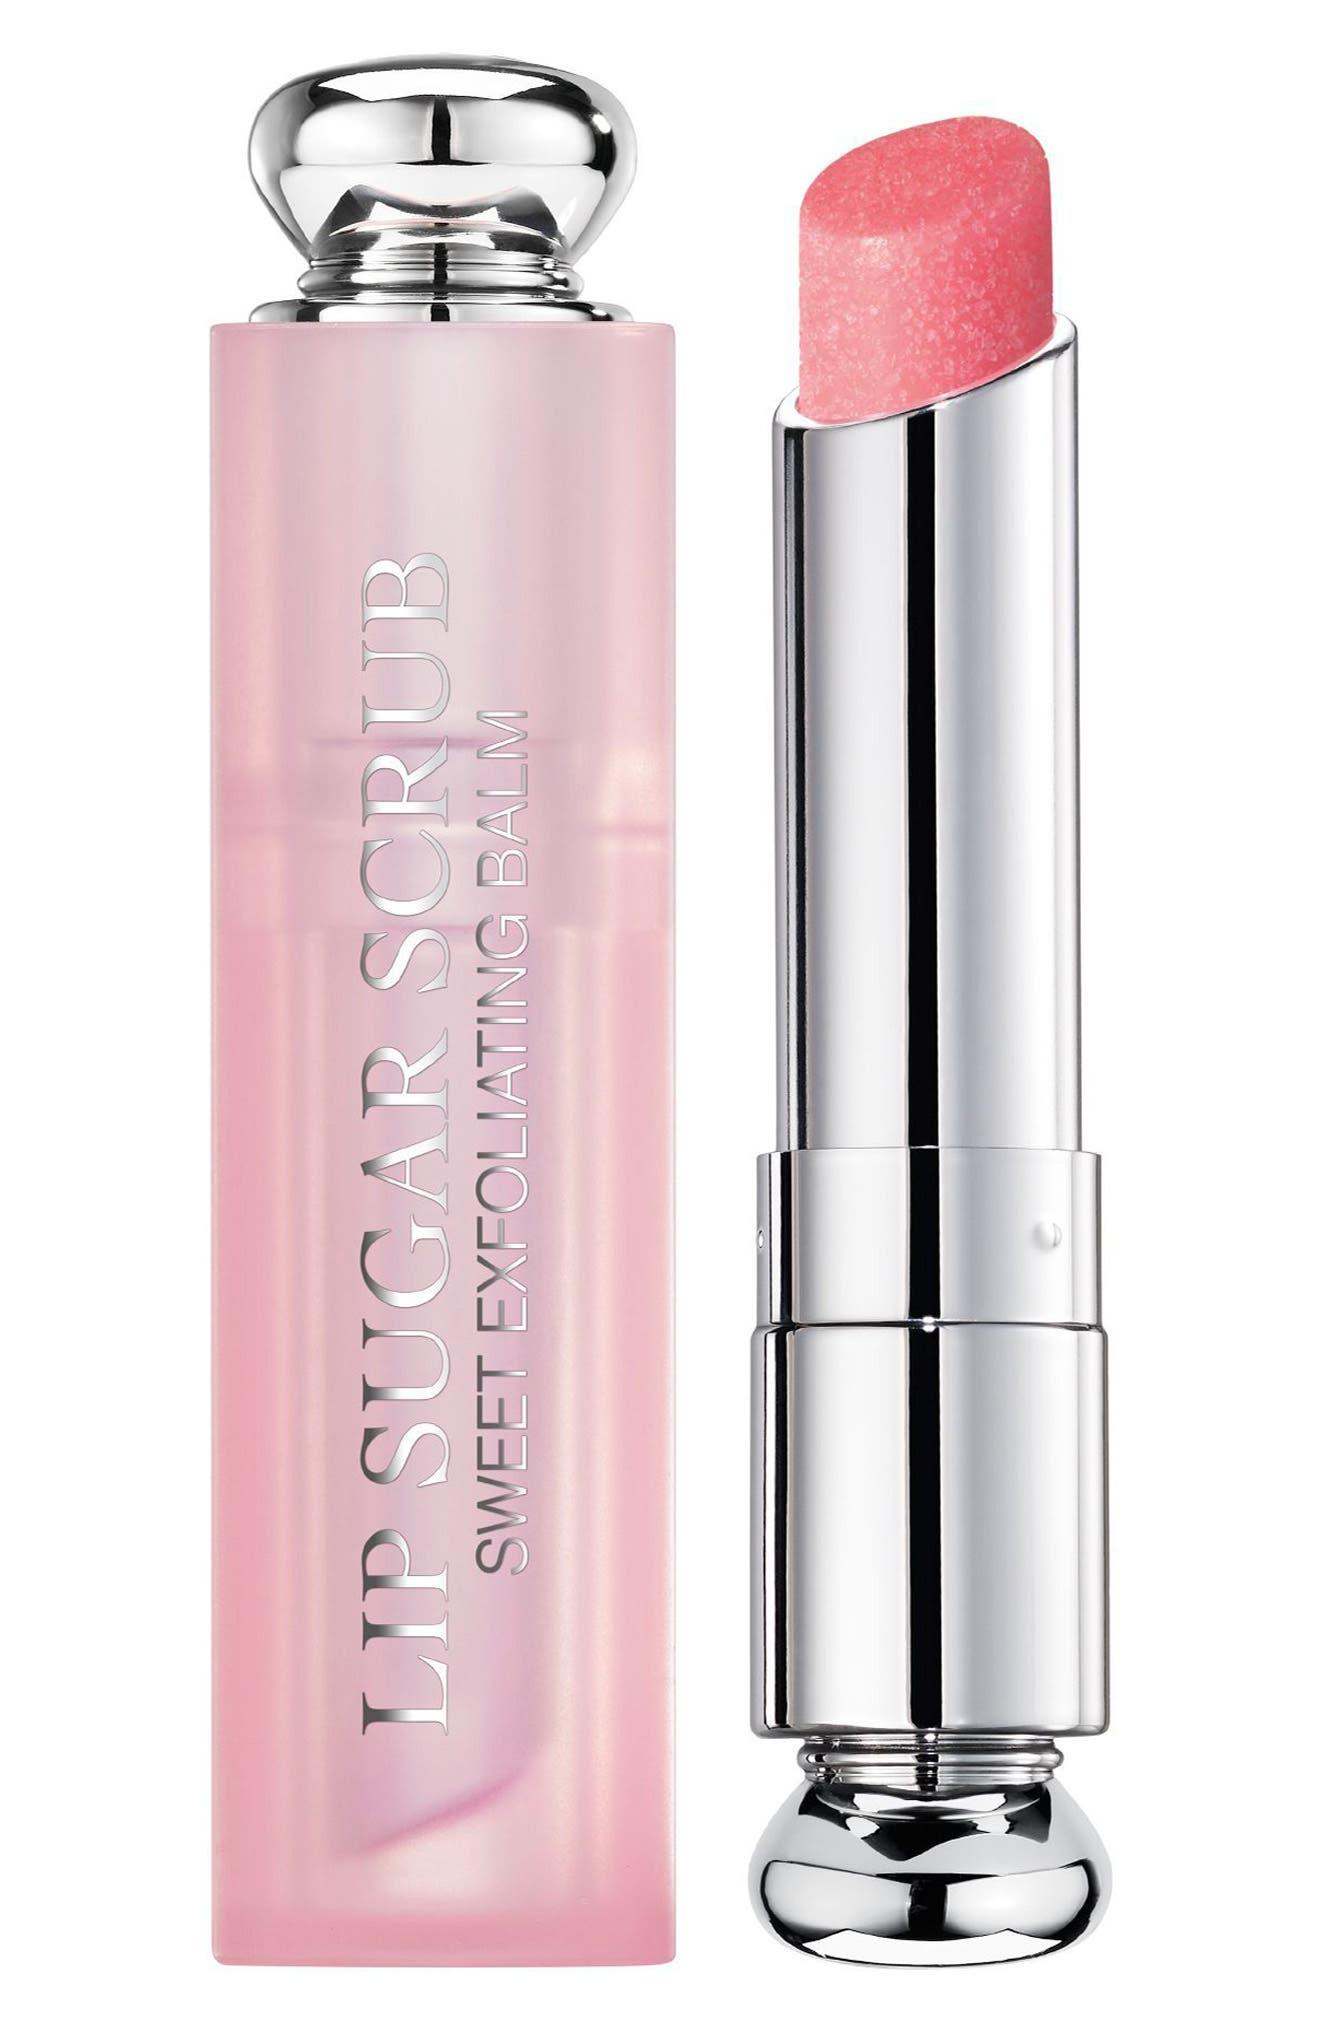 Dior Lip Sugar Scrub Sweet Exfoliating Balm